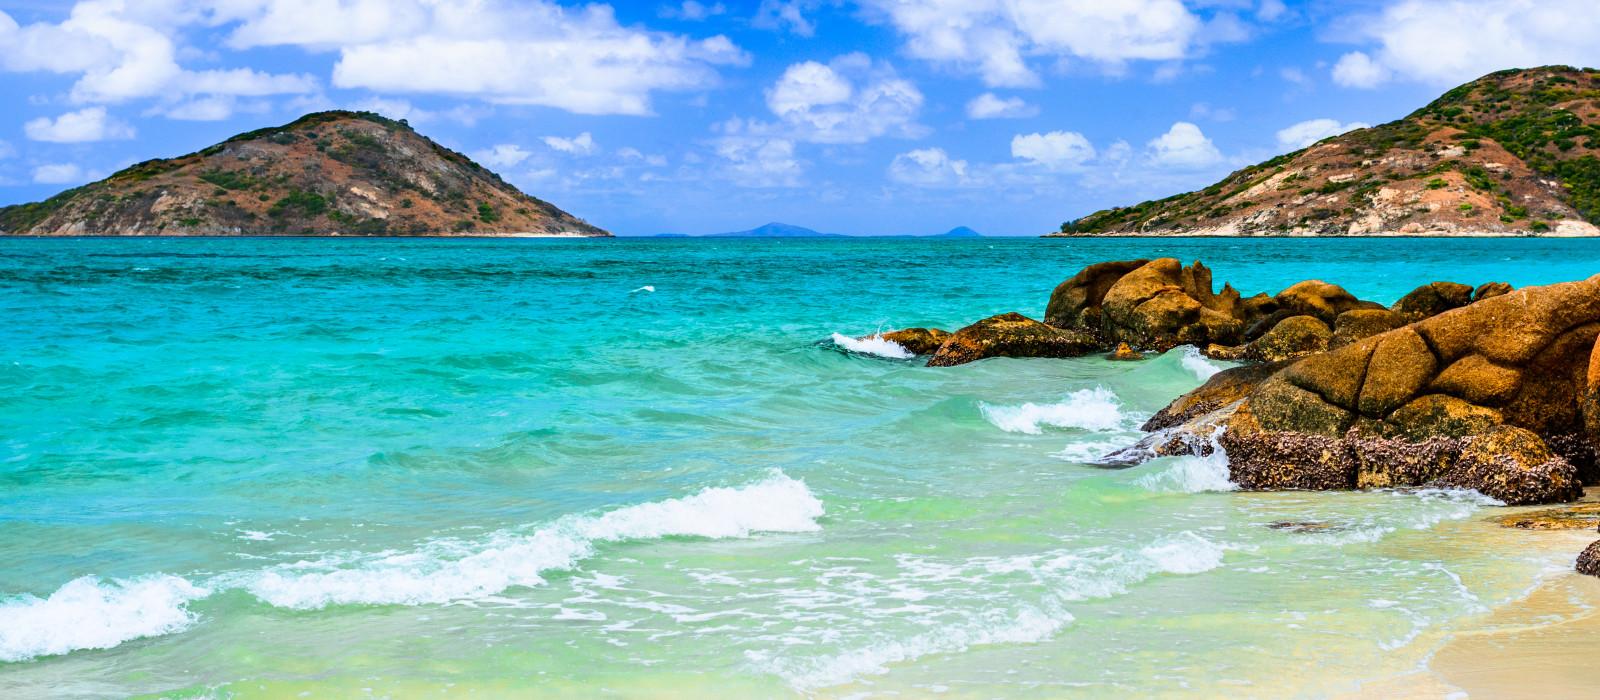 Nordaustralien – Naturwunder, Nationalparks & Great Barrier Reef Urlaub 1